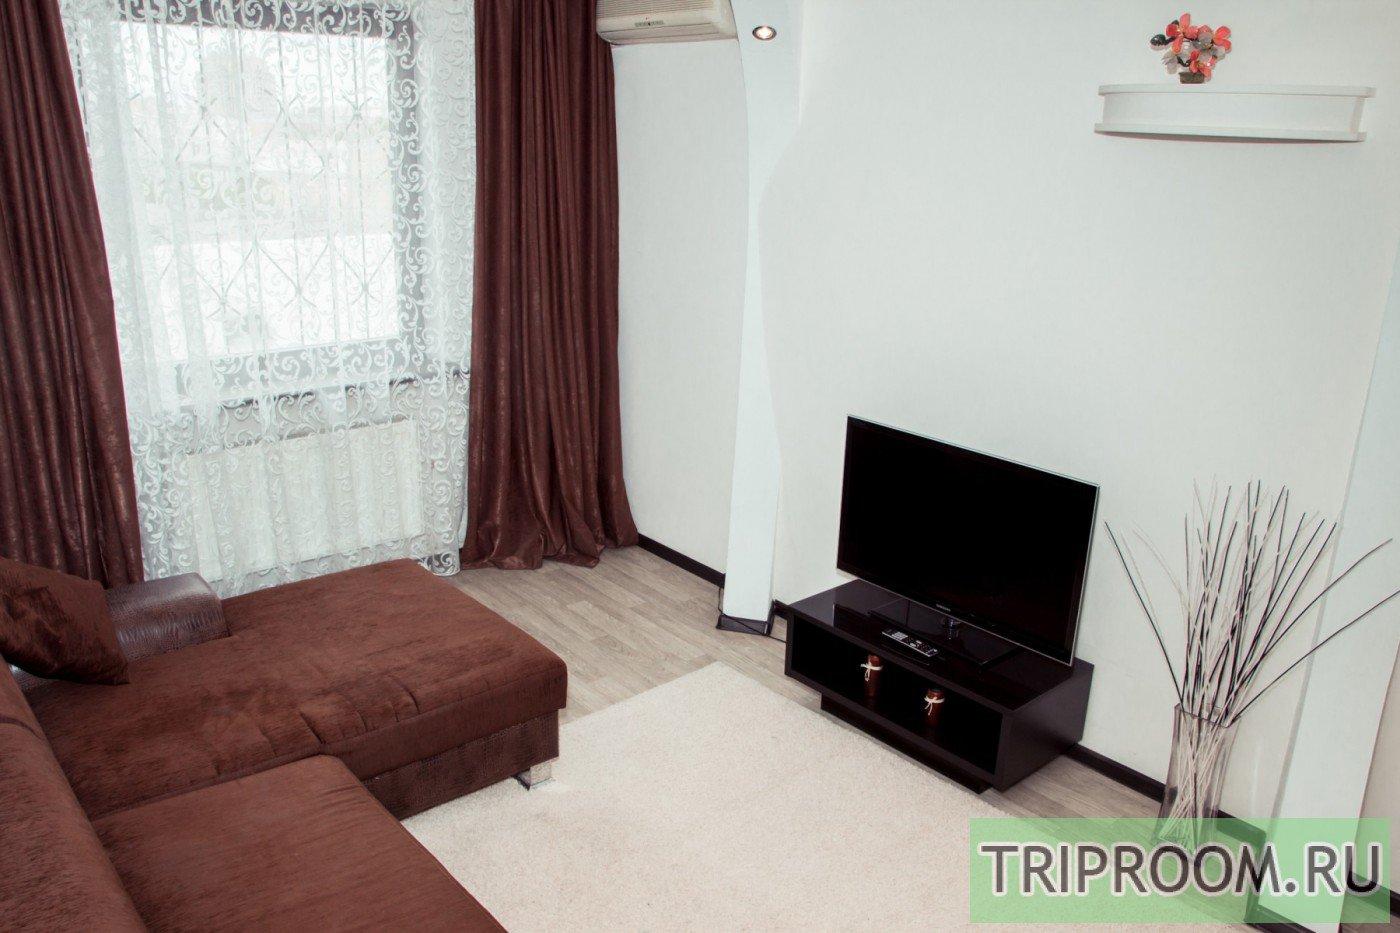 2-комнатная квартира посуточно (вариант № 36726), ул. Тимирязева, фото № 4